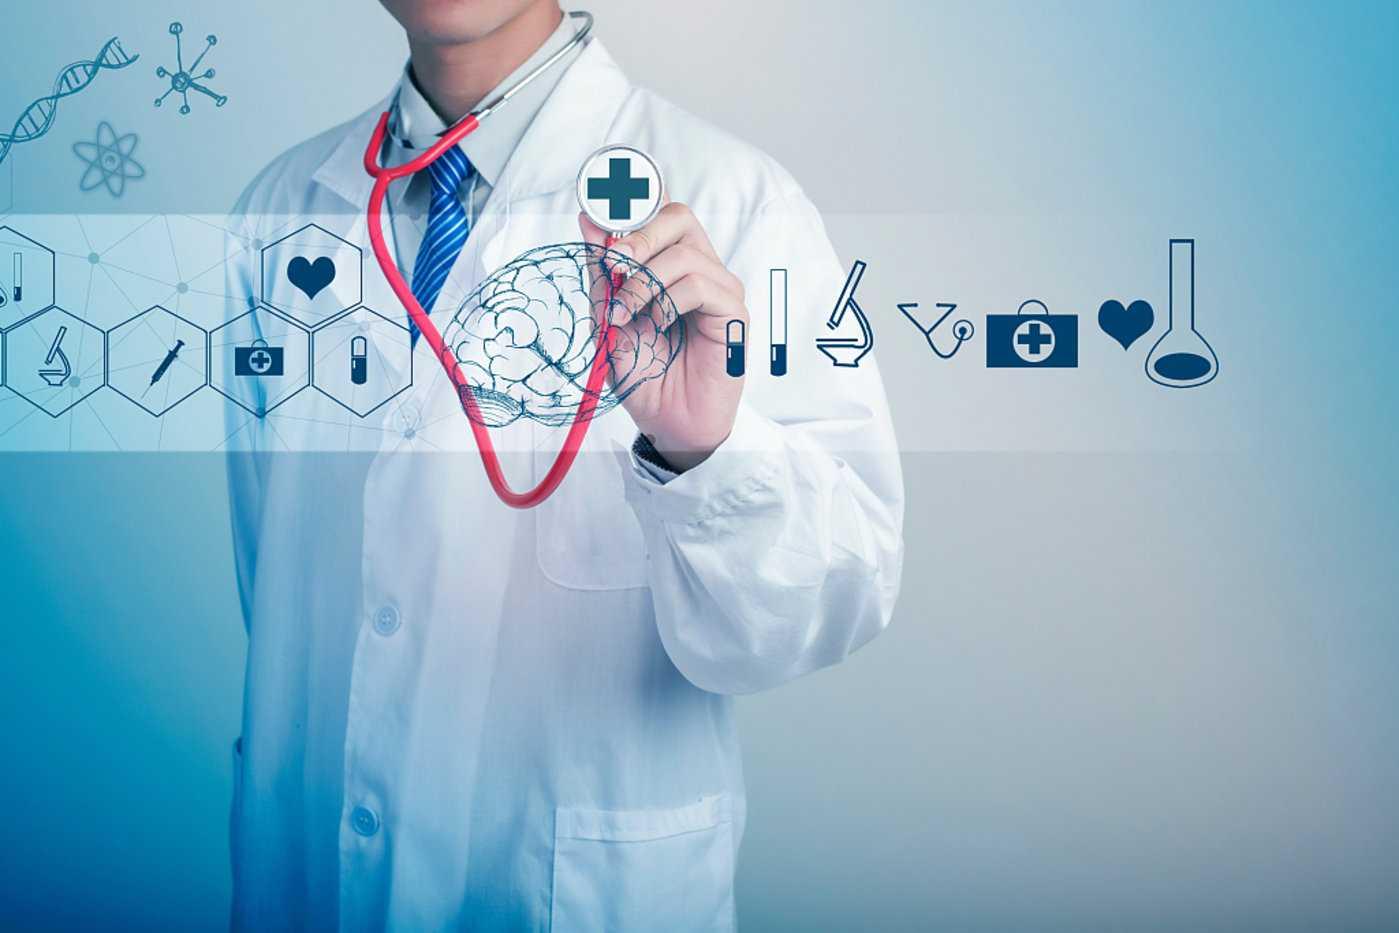 世界卫生日丨这几个重要的卫生习惯你还在坚持吗?